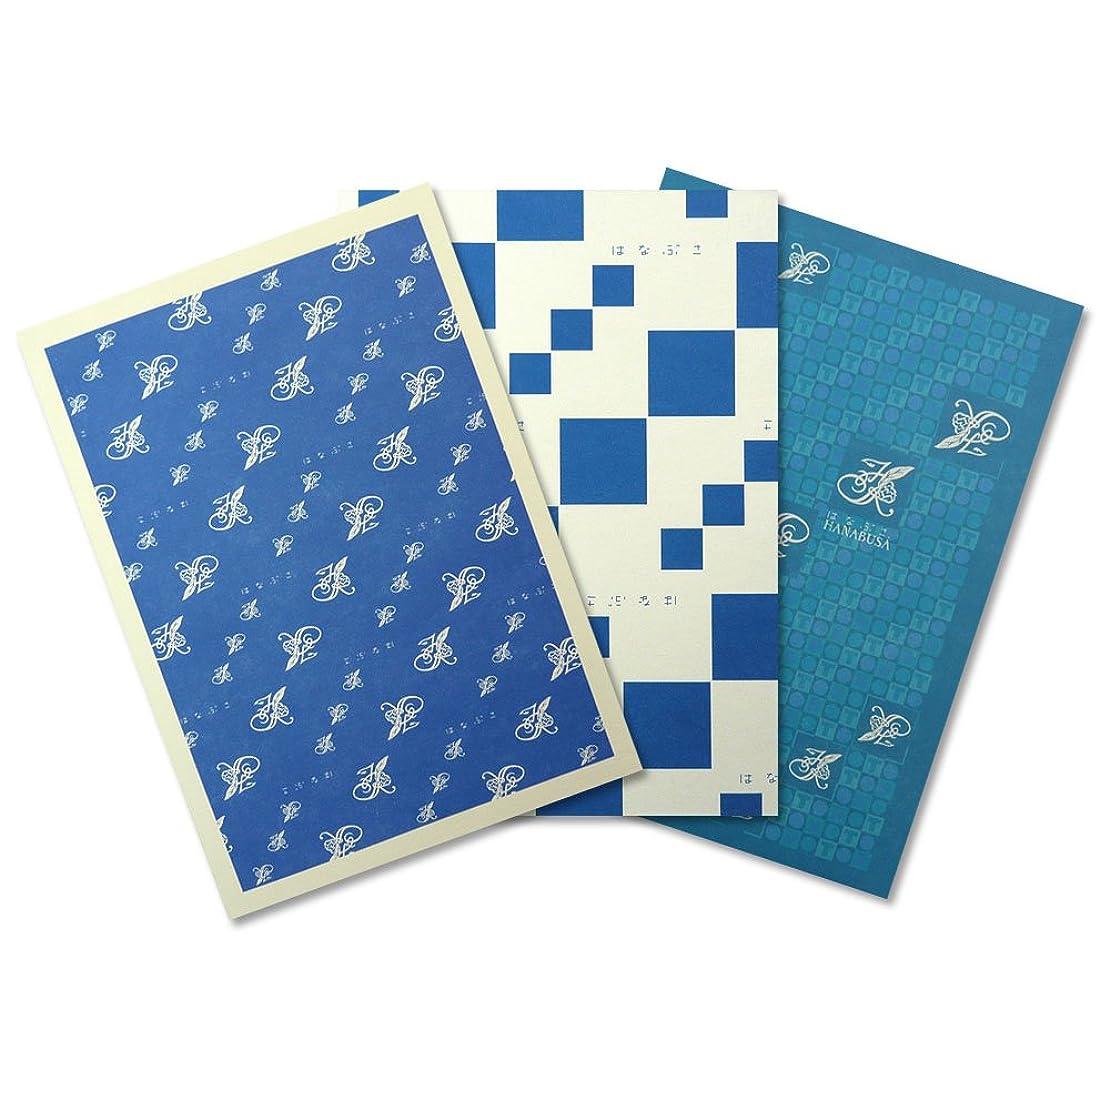 HANABUSA(はなぶさ) B6ノート 3種アソート A:ブルーセット(ライン、ホワイト、TO DO LISTノート 3種類 各1冊 合計3冊セット)